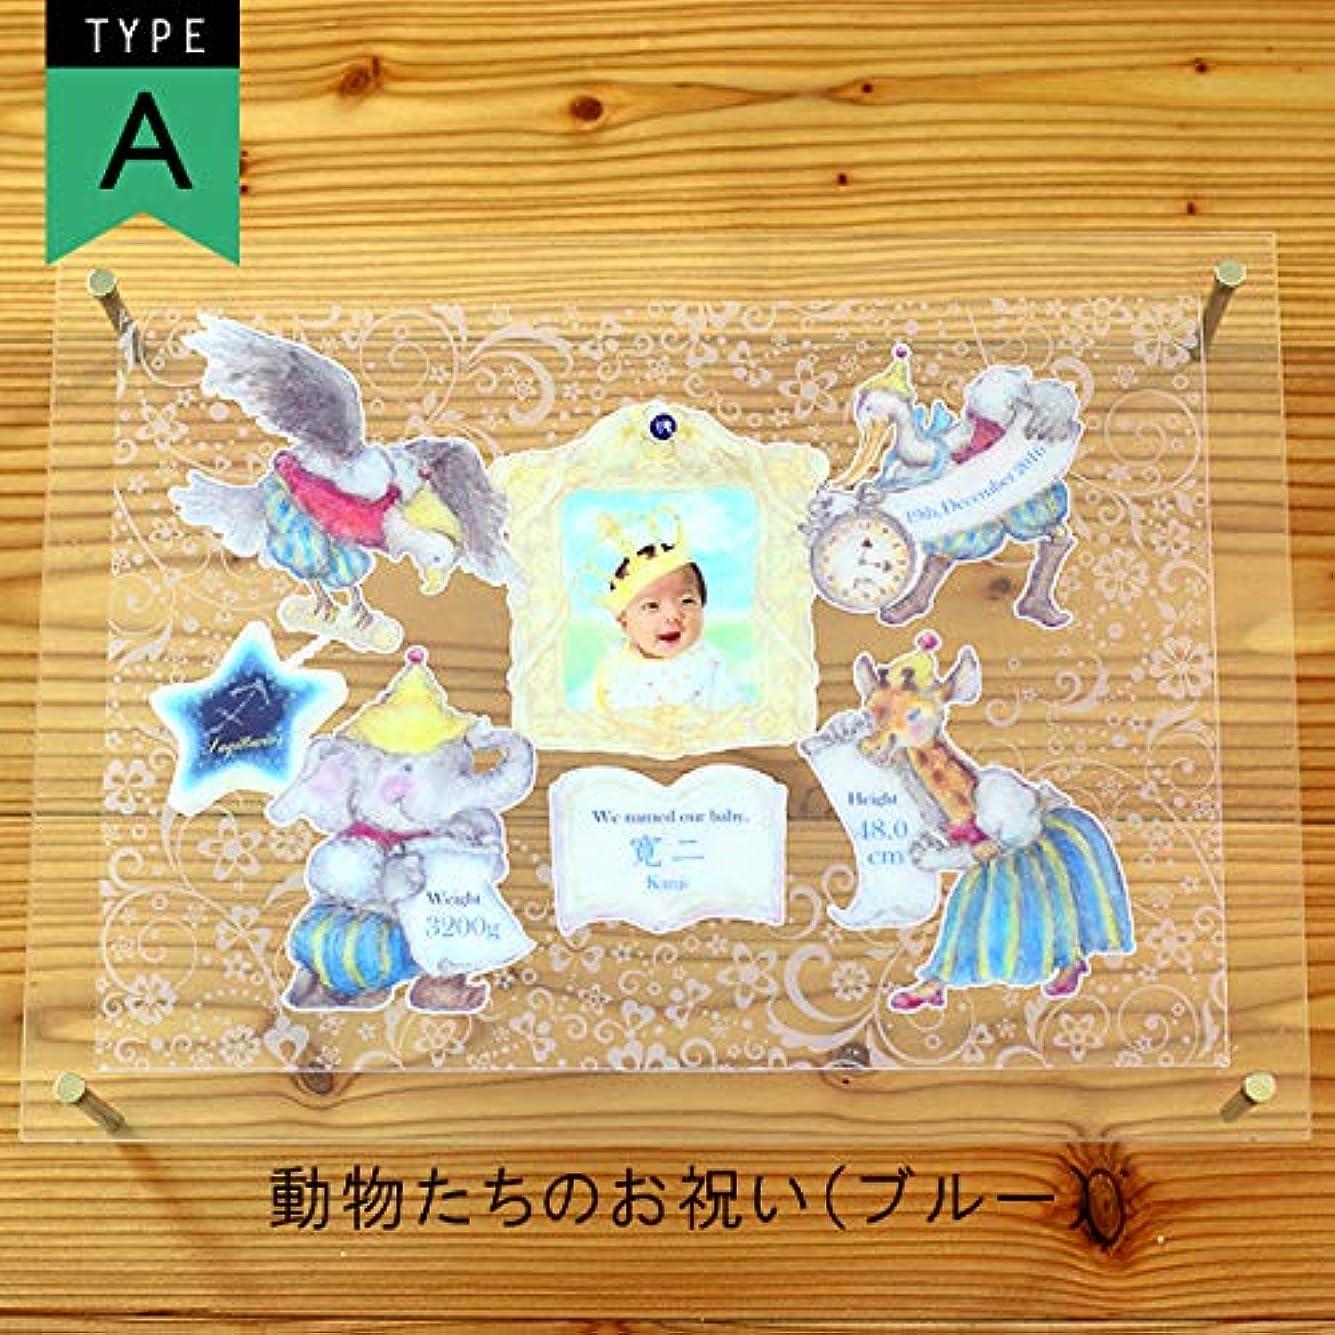 読むエピソード来て出産祝い 内祝い 赤ちゃん 記念 名入れ メモリアル 赤ちゃん アクリルプレート ボード ベビー かわいい A:動物たちのお祝い(ピンク)